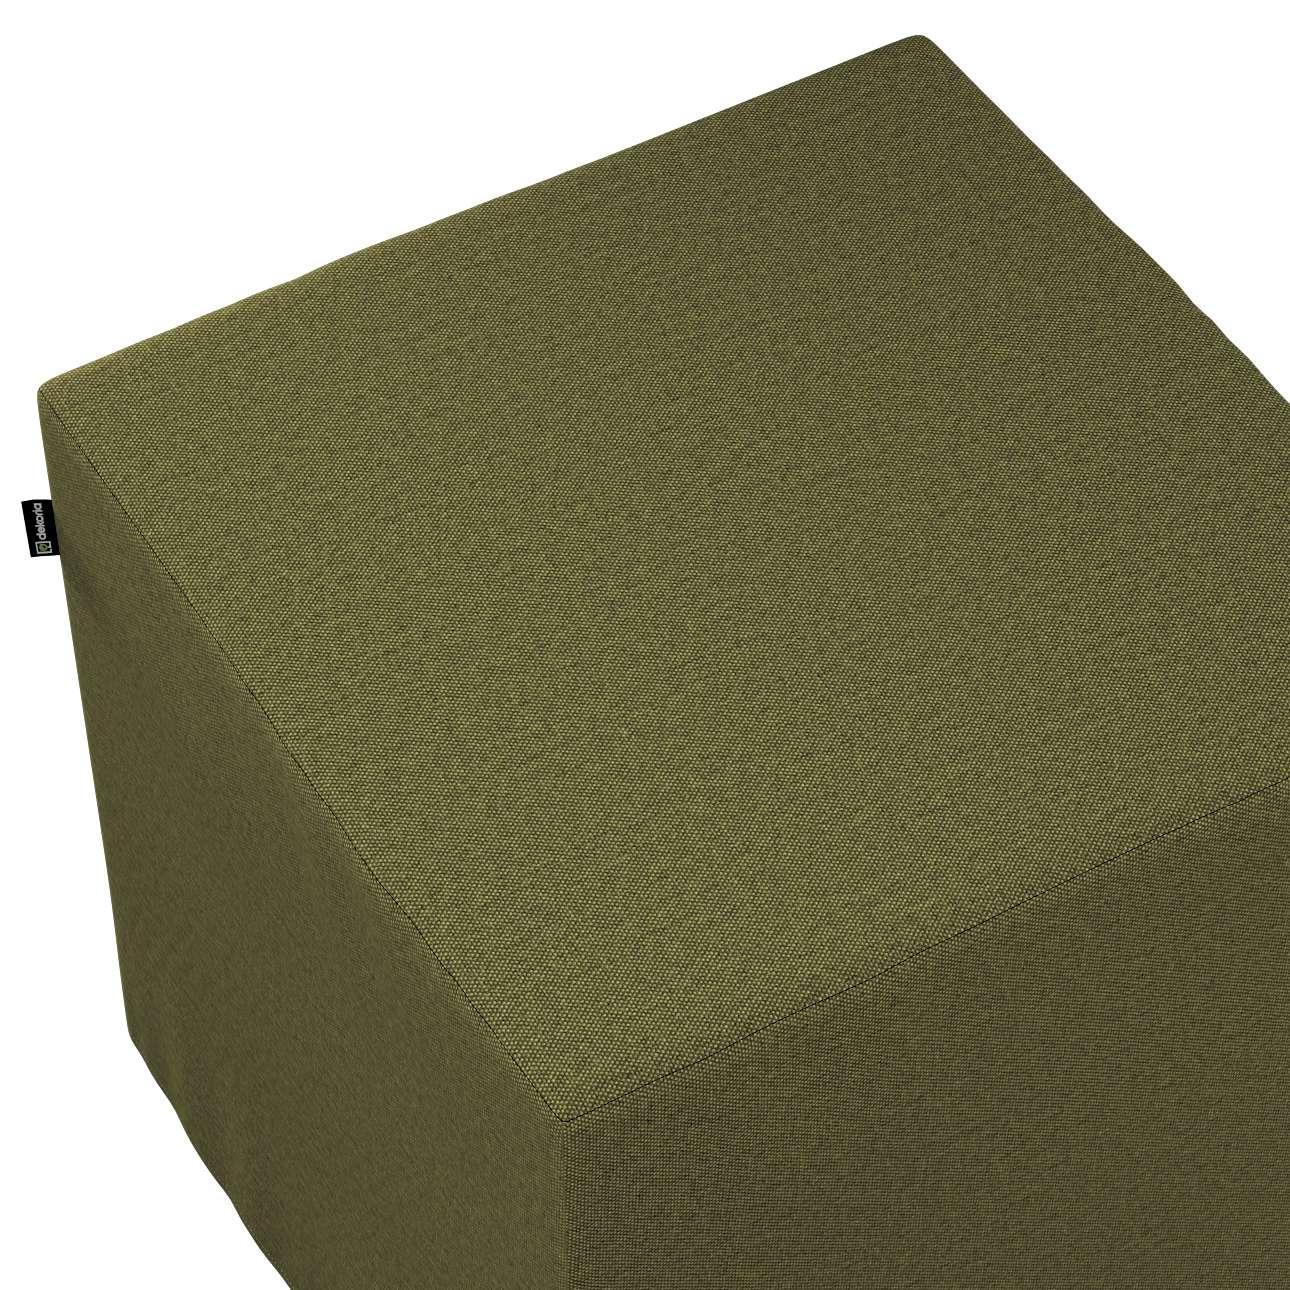 Sitzwürfel von der Kollektion Etna, Stoff: 161-26